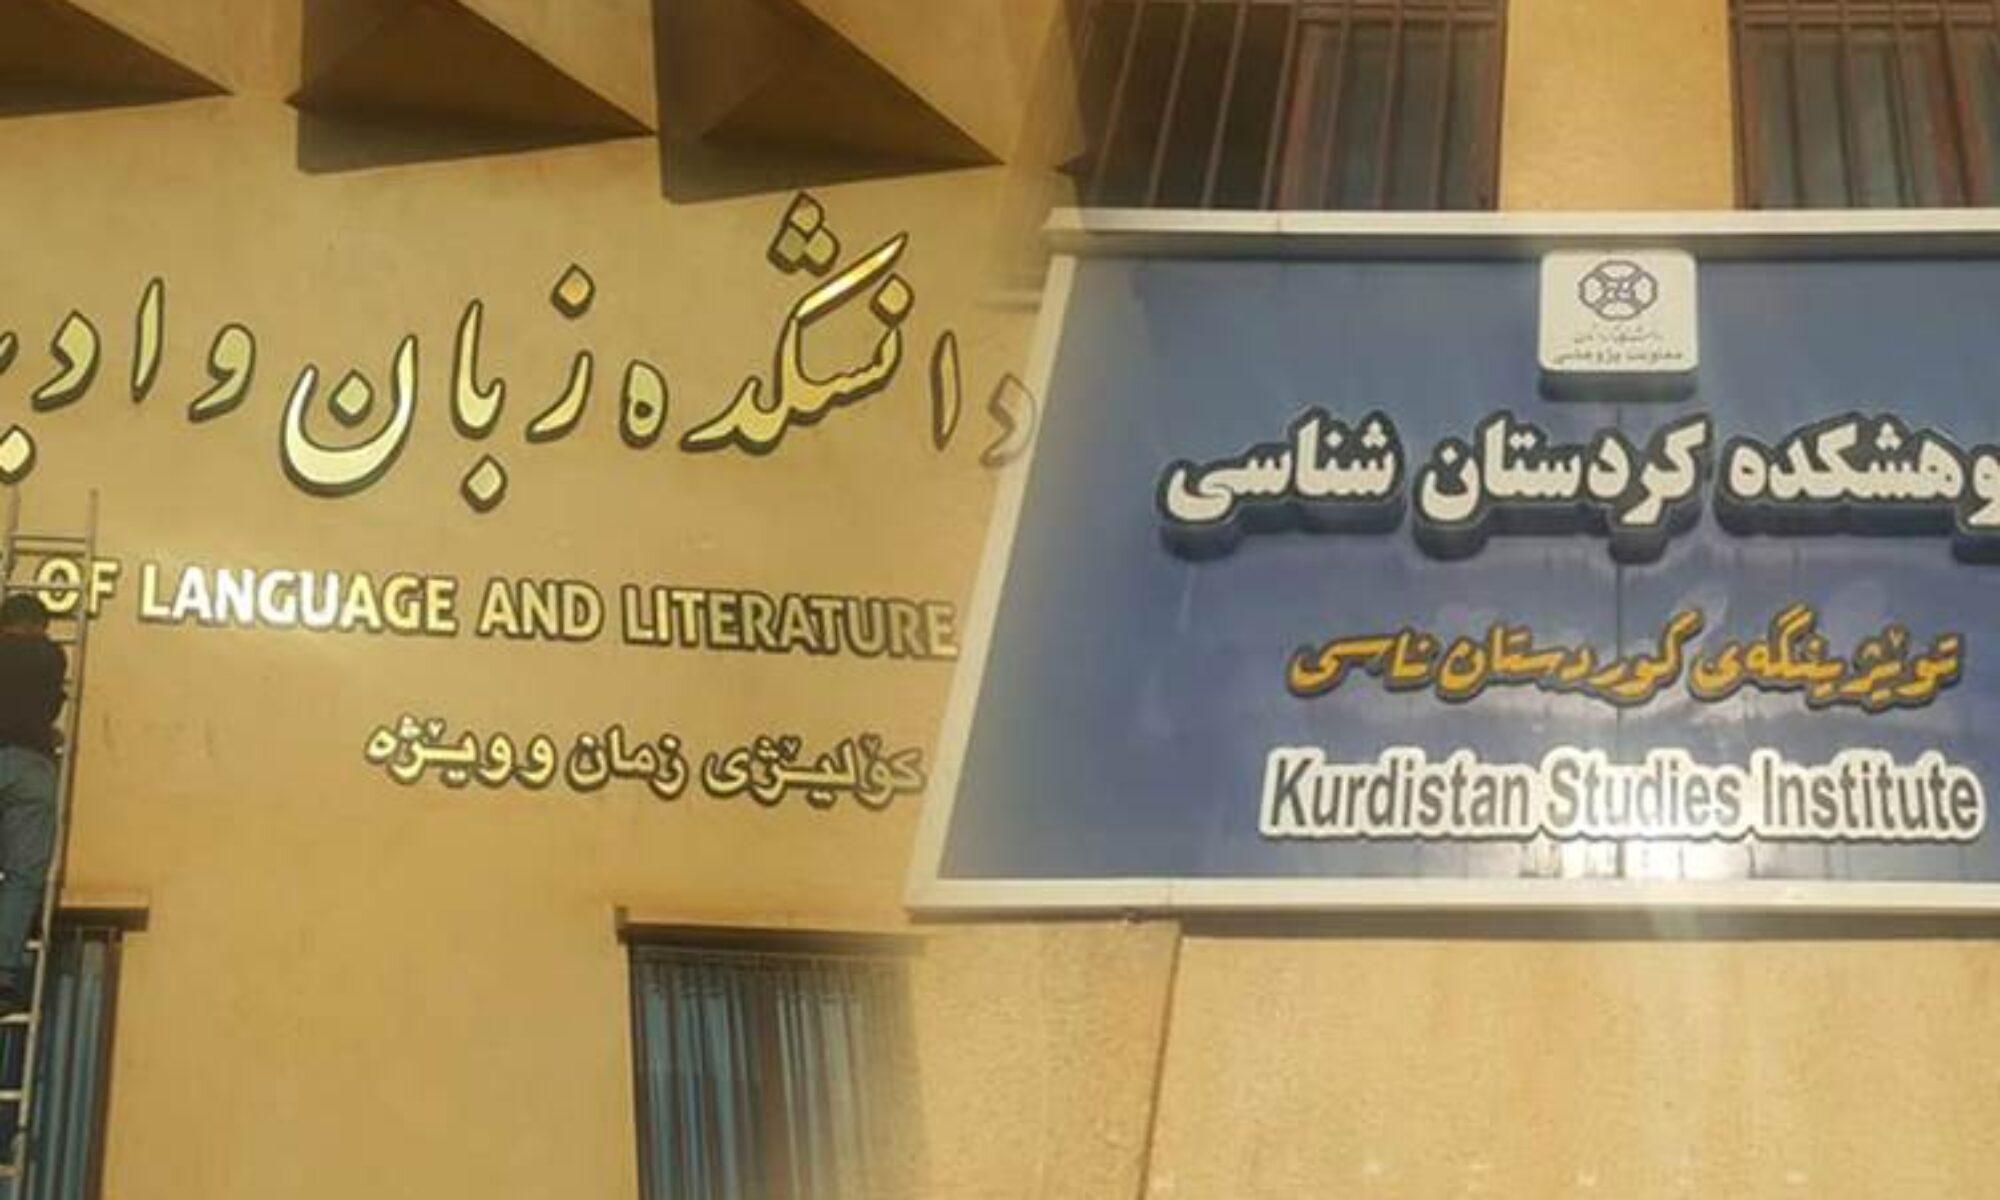 Doğu Kürdistan'daki Kürdistan Ünversitesinin kaldırılan Kürtçe tabelası tepkiler nedeni ile tekrar asıldı